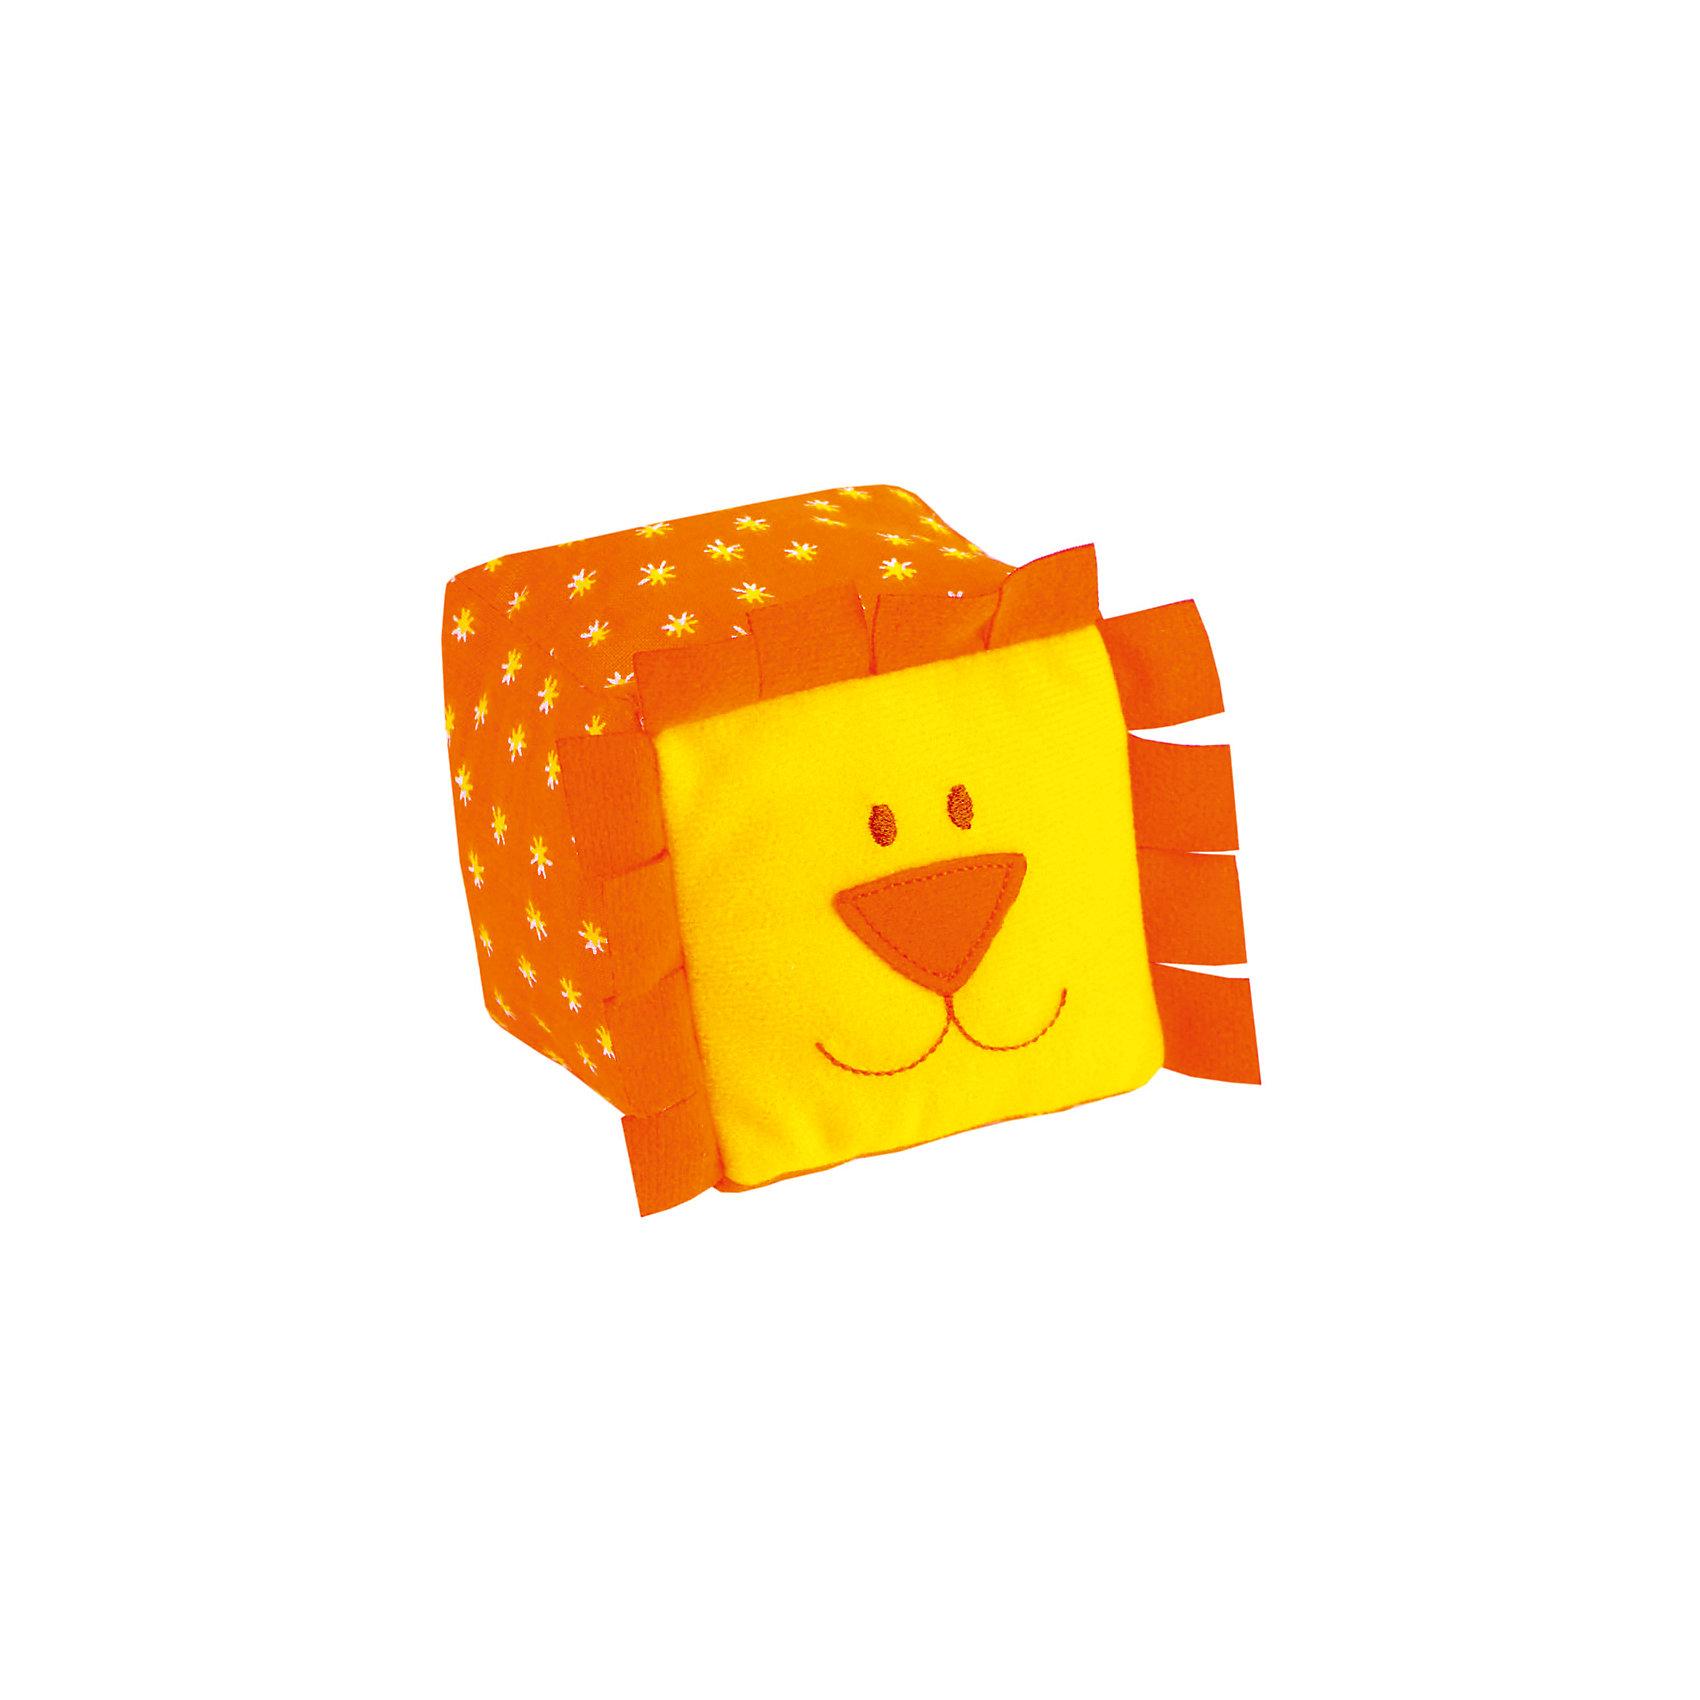 Кубики ЗооМякиши Львенок, МякишиМягкие игрушки<br>Характеристики товара:<br><br>• материал: трикотаж, холлофайбер<br>• комплектация: 1 шт<br>• размер игрушки: 8х8 см<br>• звуковой элемент<br>• развивающая игрушка<br>• упаковка: пакет<br>• страна бренда: РФ<br>• страна изготовитель: РФ<br><br>Малыши активно познают мир и тянутся к новой информации. Чтобы сделать процесс изучения окружающего пространства интереснее, ребенку можно подарить развивающие игрушки. В процессе игры информация усваивается намного лучше!<br>Такие кубики помогут занять малыша, играть ими приятно и весело. Одновременно они позволят познакомиться со многими цветами, фактурами, а также научить извлекать звук. Такие игрушки развивают тактильные ощущения, моторику, цветовосприятие, логику, воображение, учат фокусировать внимание. Каждое изделие абсолютно безопасно – оно создано из качественной ткани с мягким наполнителем. Игрушки производятся из качественных и проверенных материалов, которые безопасны для детей.<br><br>Кубики ЗооМякиши Львенок от бренда Мякиши можно купить в нашем интернет-магазине.<br><br>Ширина мм: 80<br>Глубина мм: 80<br>Высота мм: 80<br>Вес г: 40<br>Возраст от месяцев: 12<br>Возраст до месяцев: 36<br>Пол: Унисекс<br>Возраст: Детский<br>SKU: 5183197